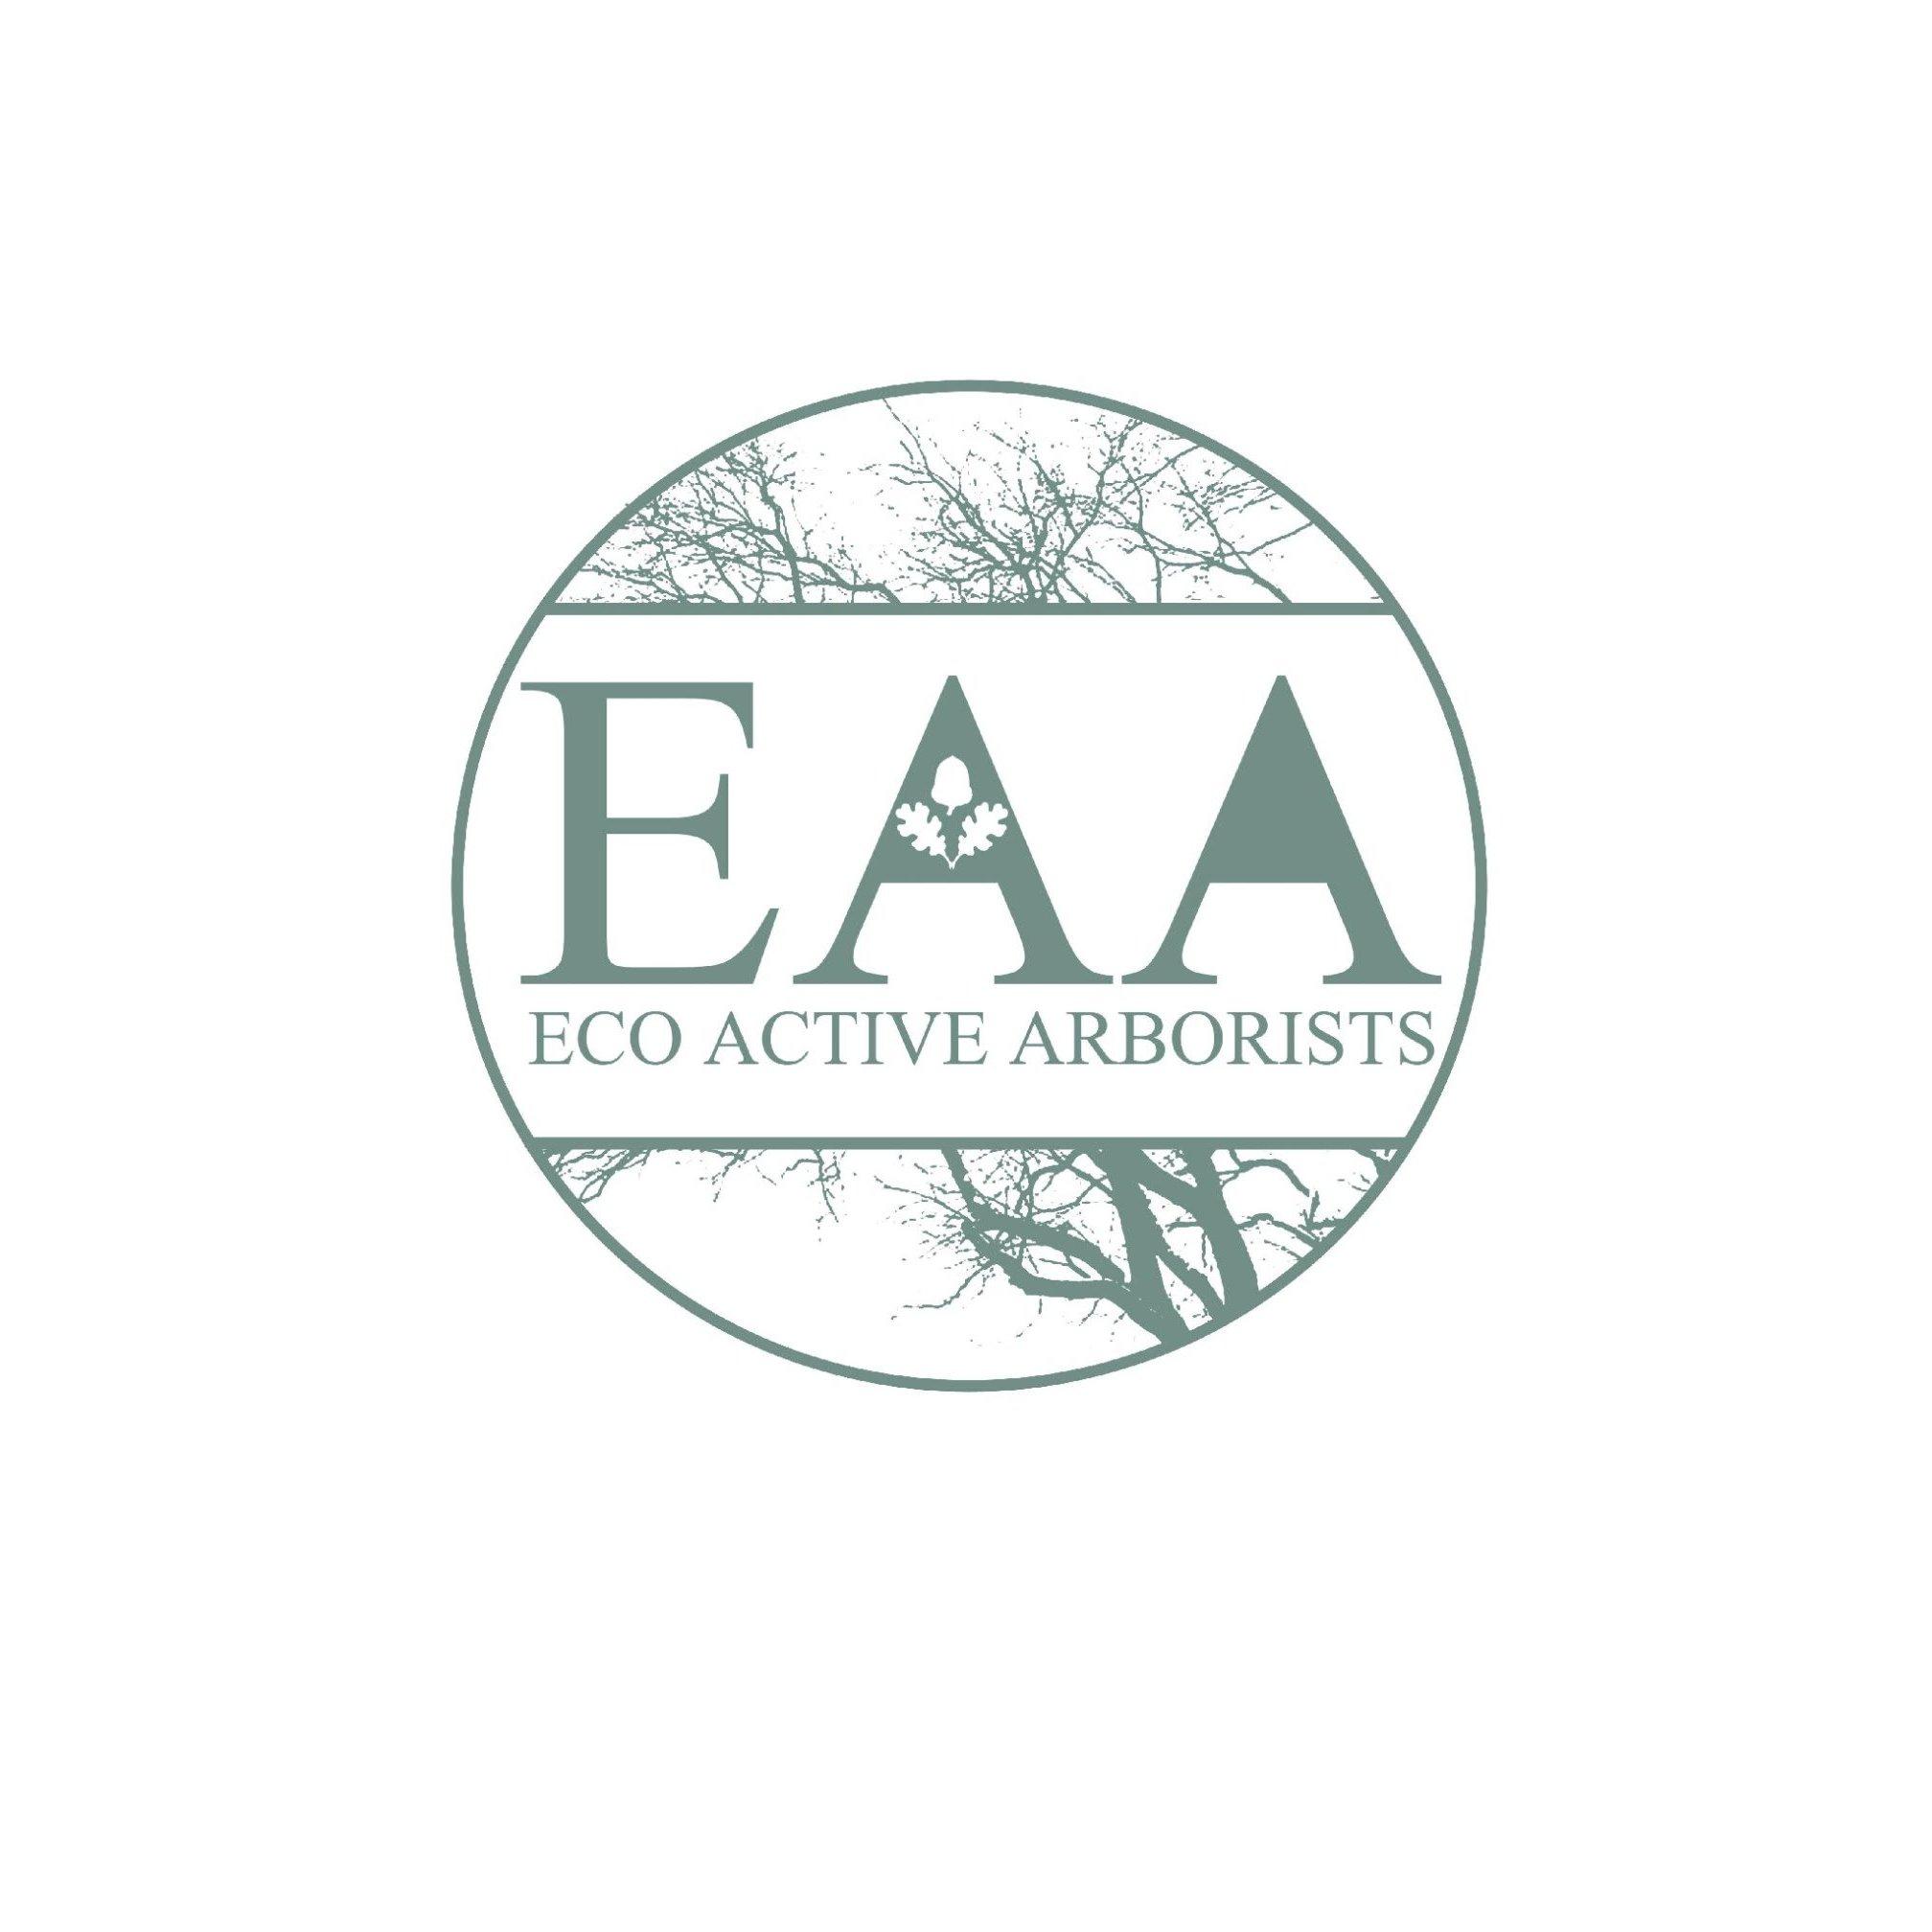 Eco Active Arborists